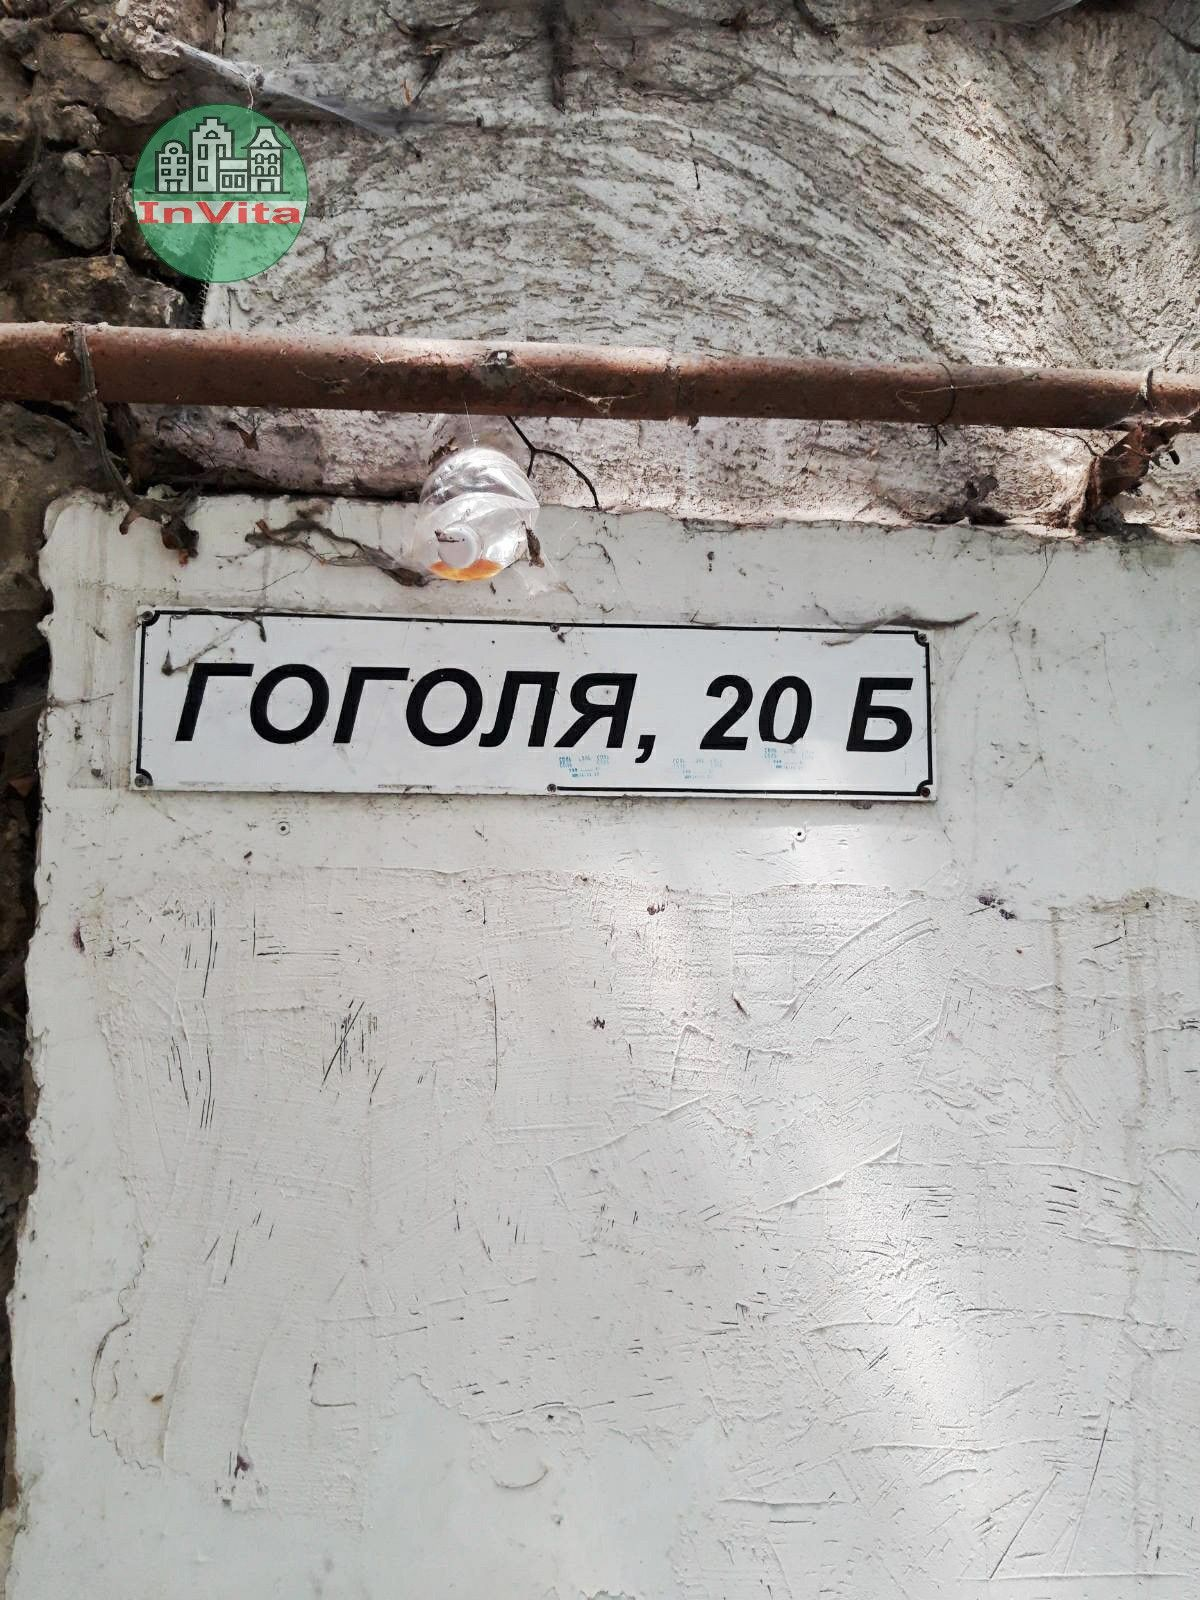 Продажа 1-комнатной квартиры, Севастополь, Гоголя ул,  20б